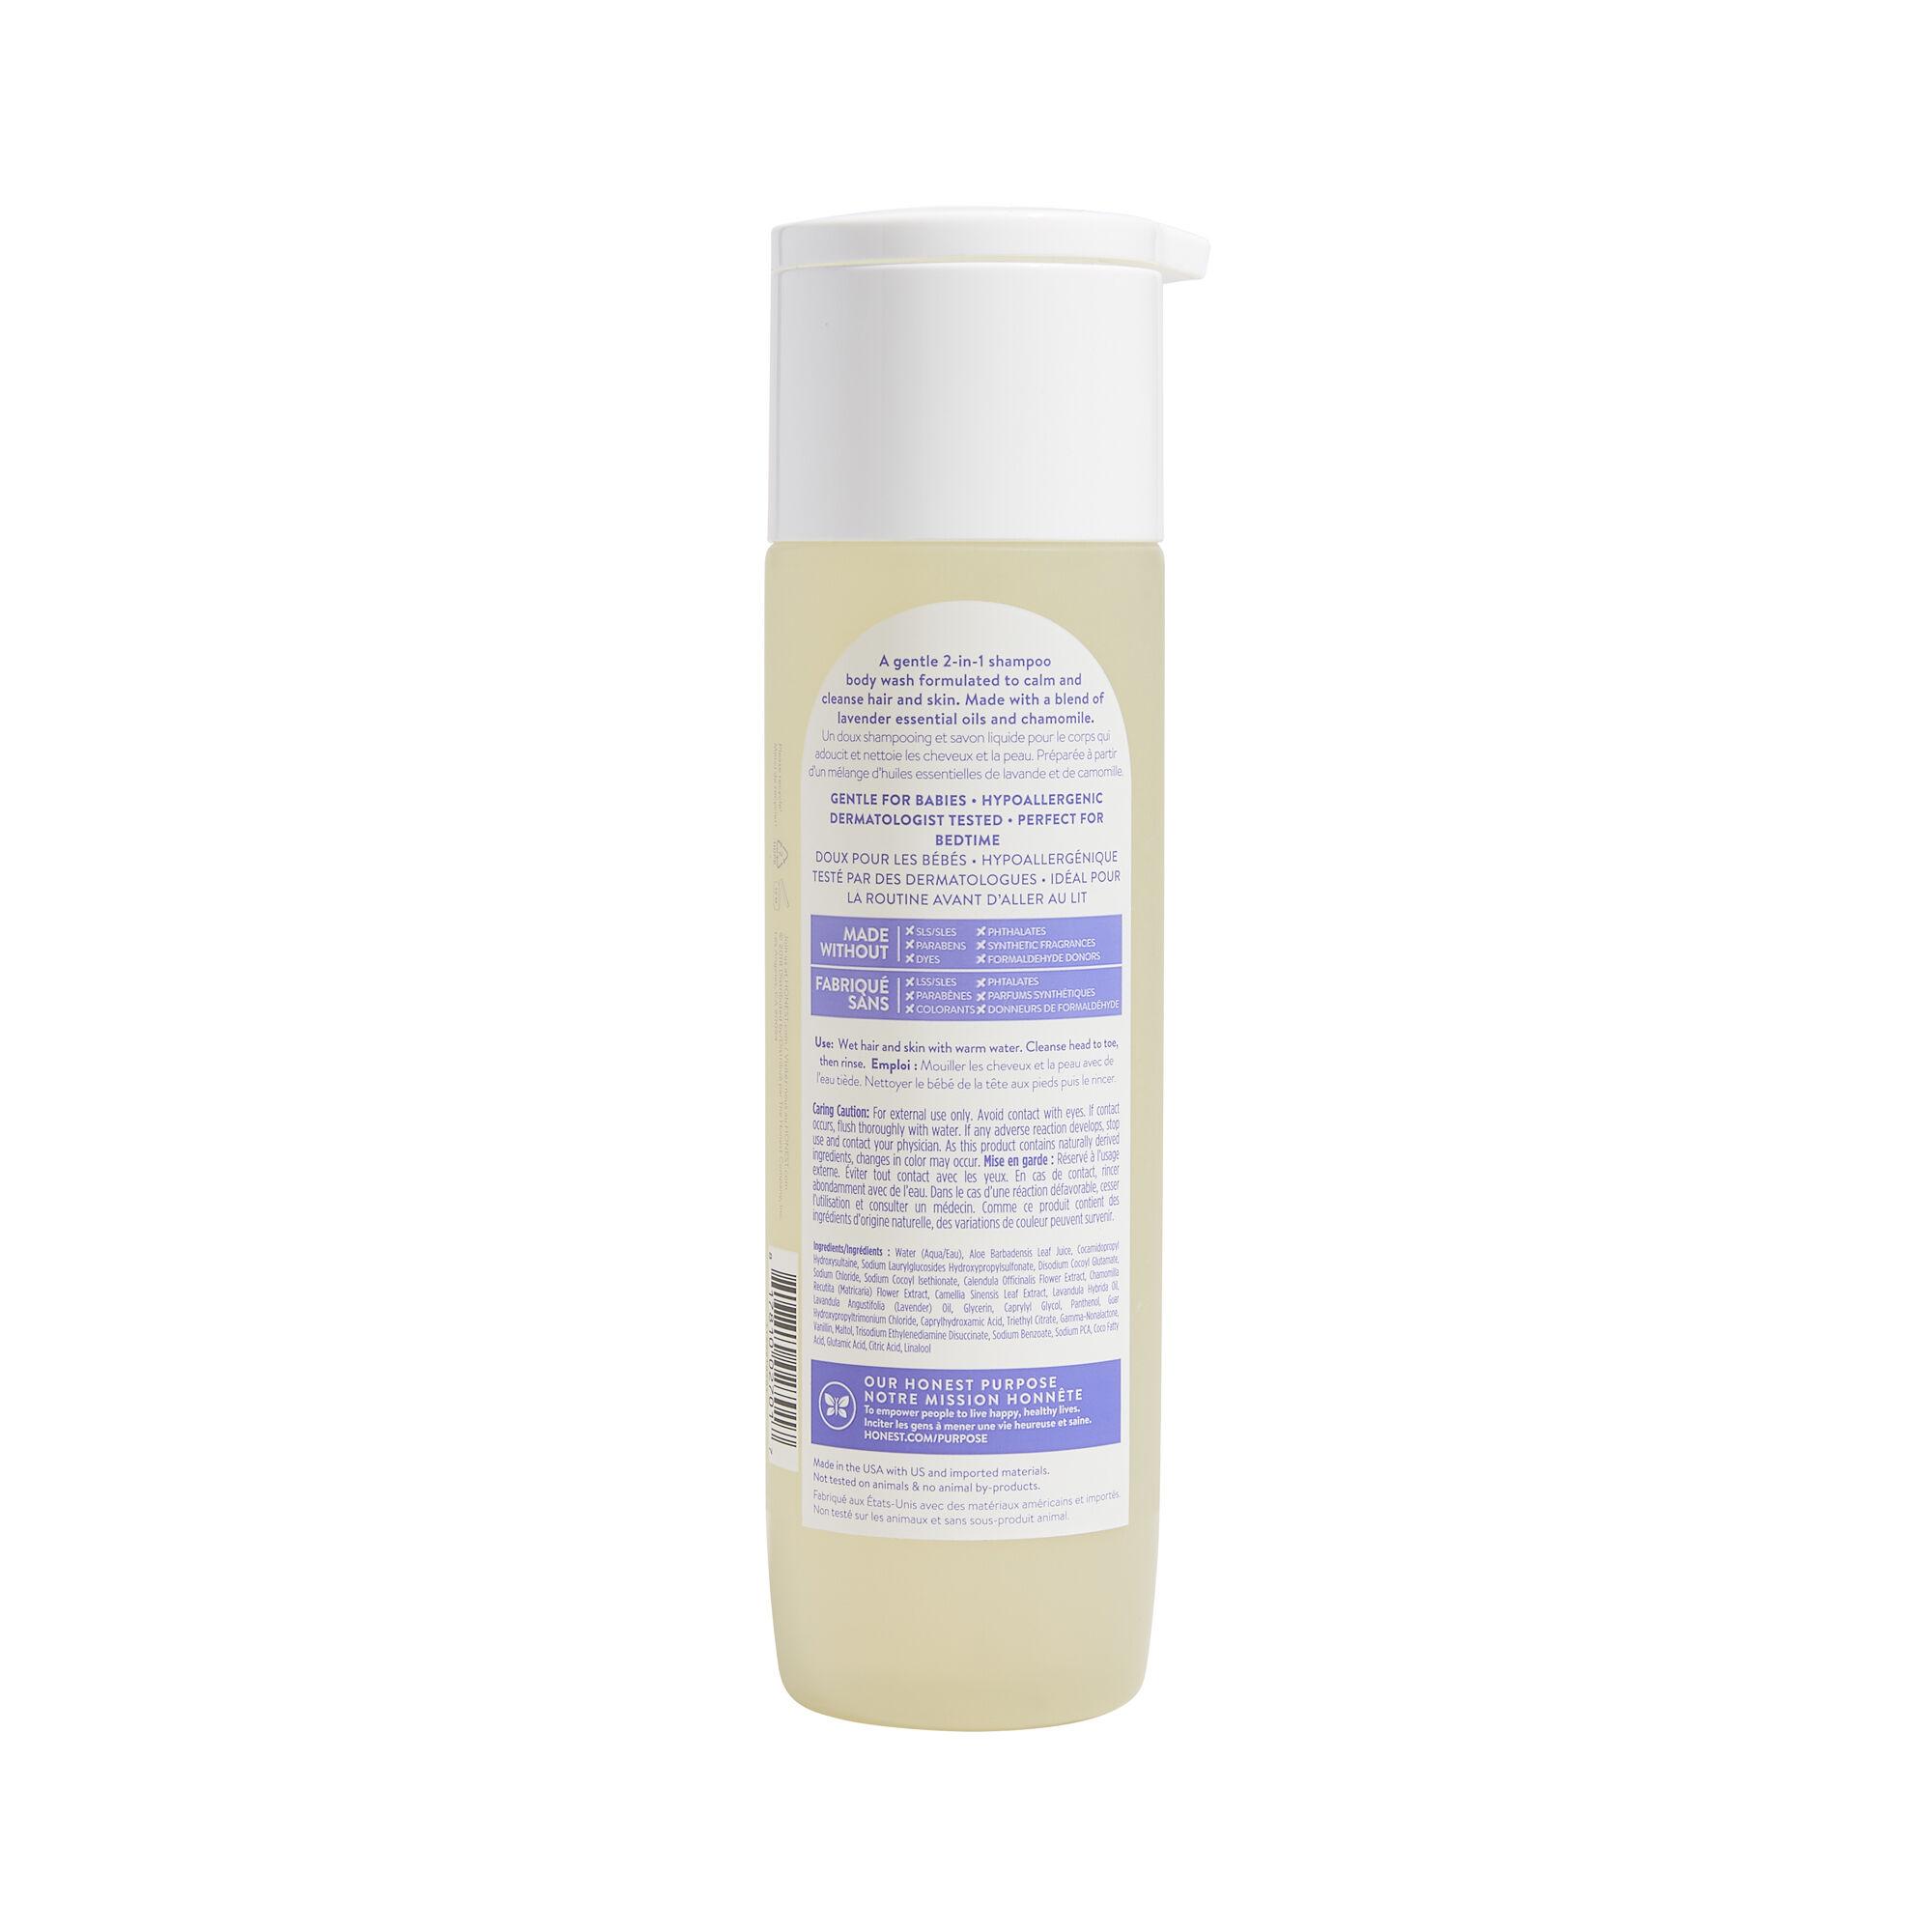 Shampoo + Body Wash - Truly Calming Lavender